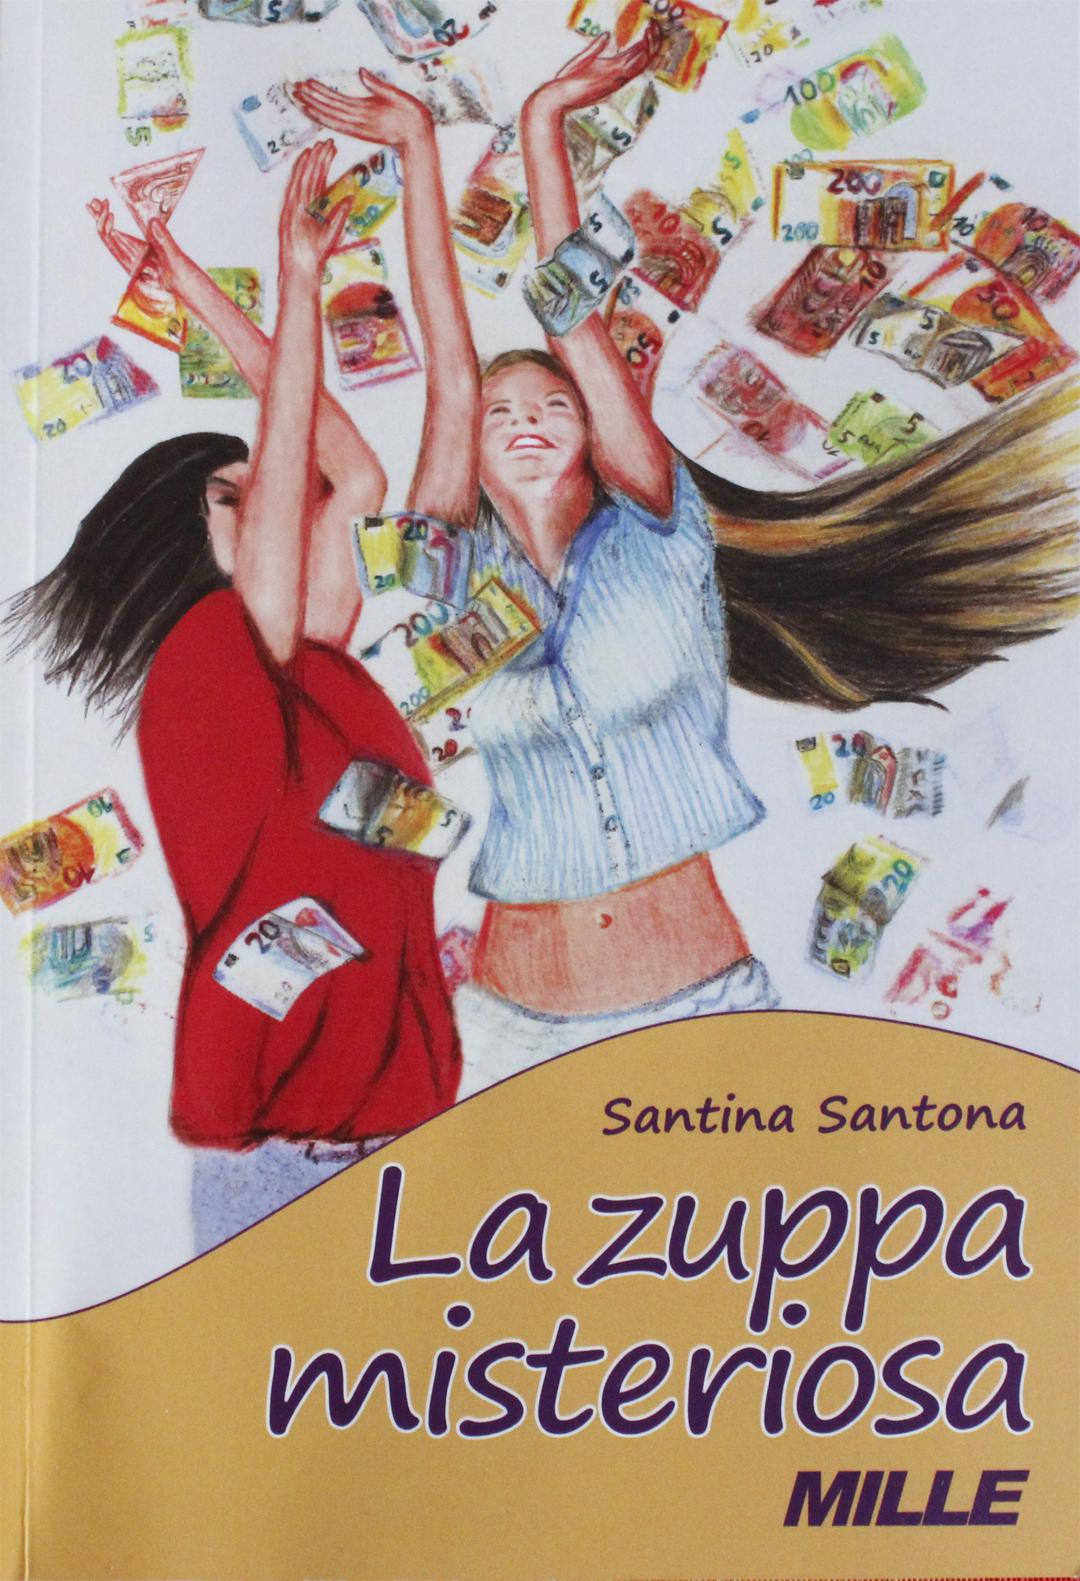 """Santina Santona una scrittrice Sarda di Torino. Ecco l'intervista alla scrittrice di origine sarda che ha presentato nelle scorse settimane il suo primo libro """"La zuppa"""" al Salone Internazionale del Libro di Torino 2019."""